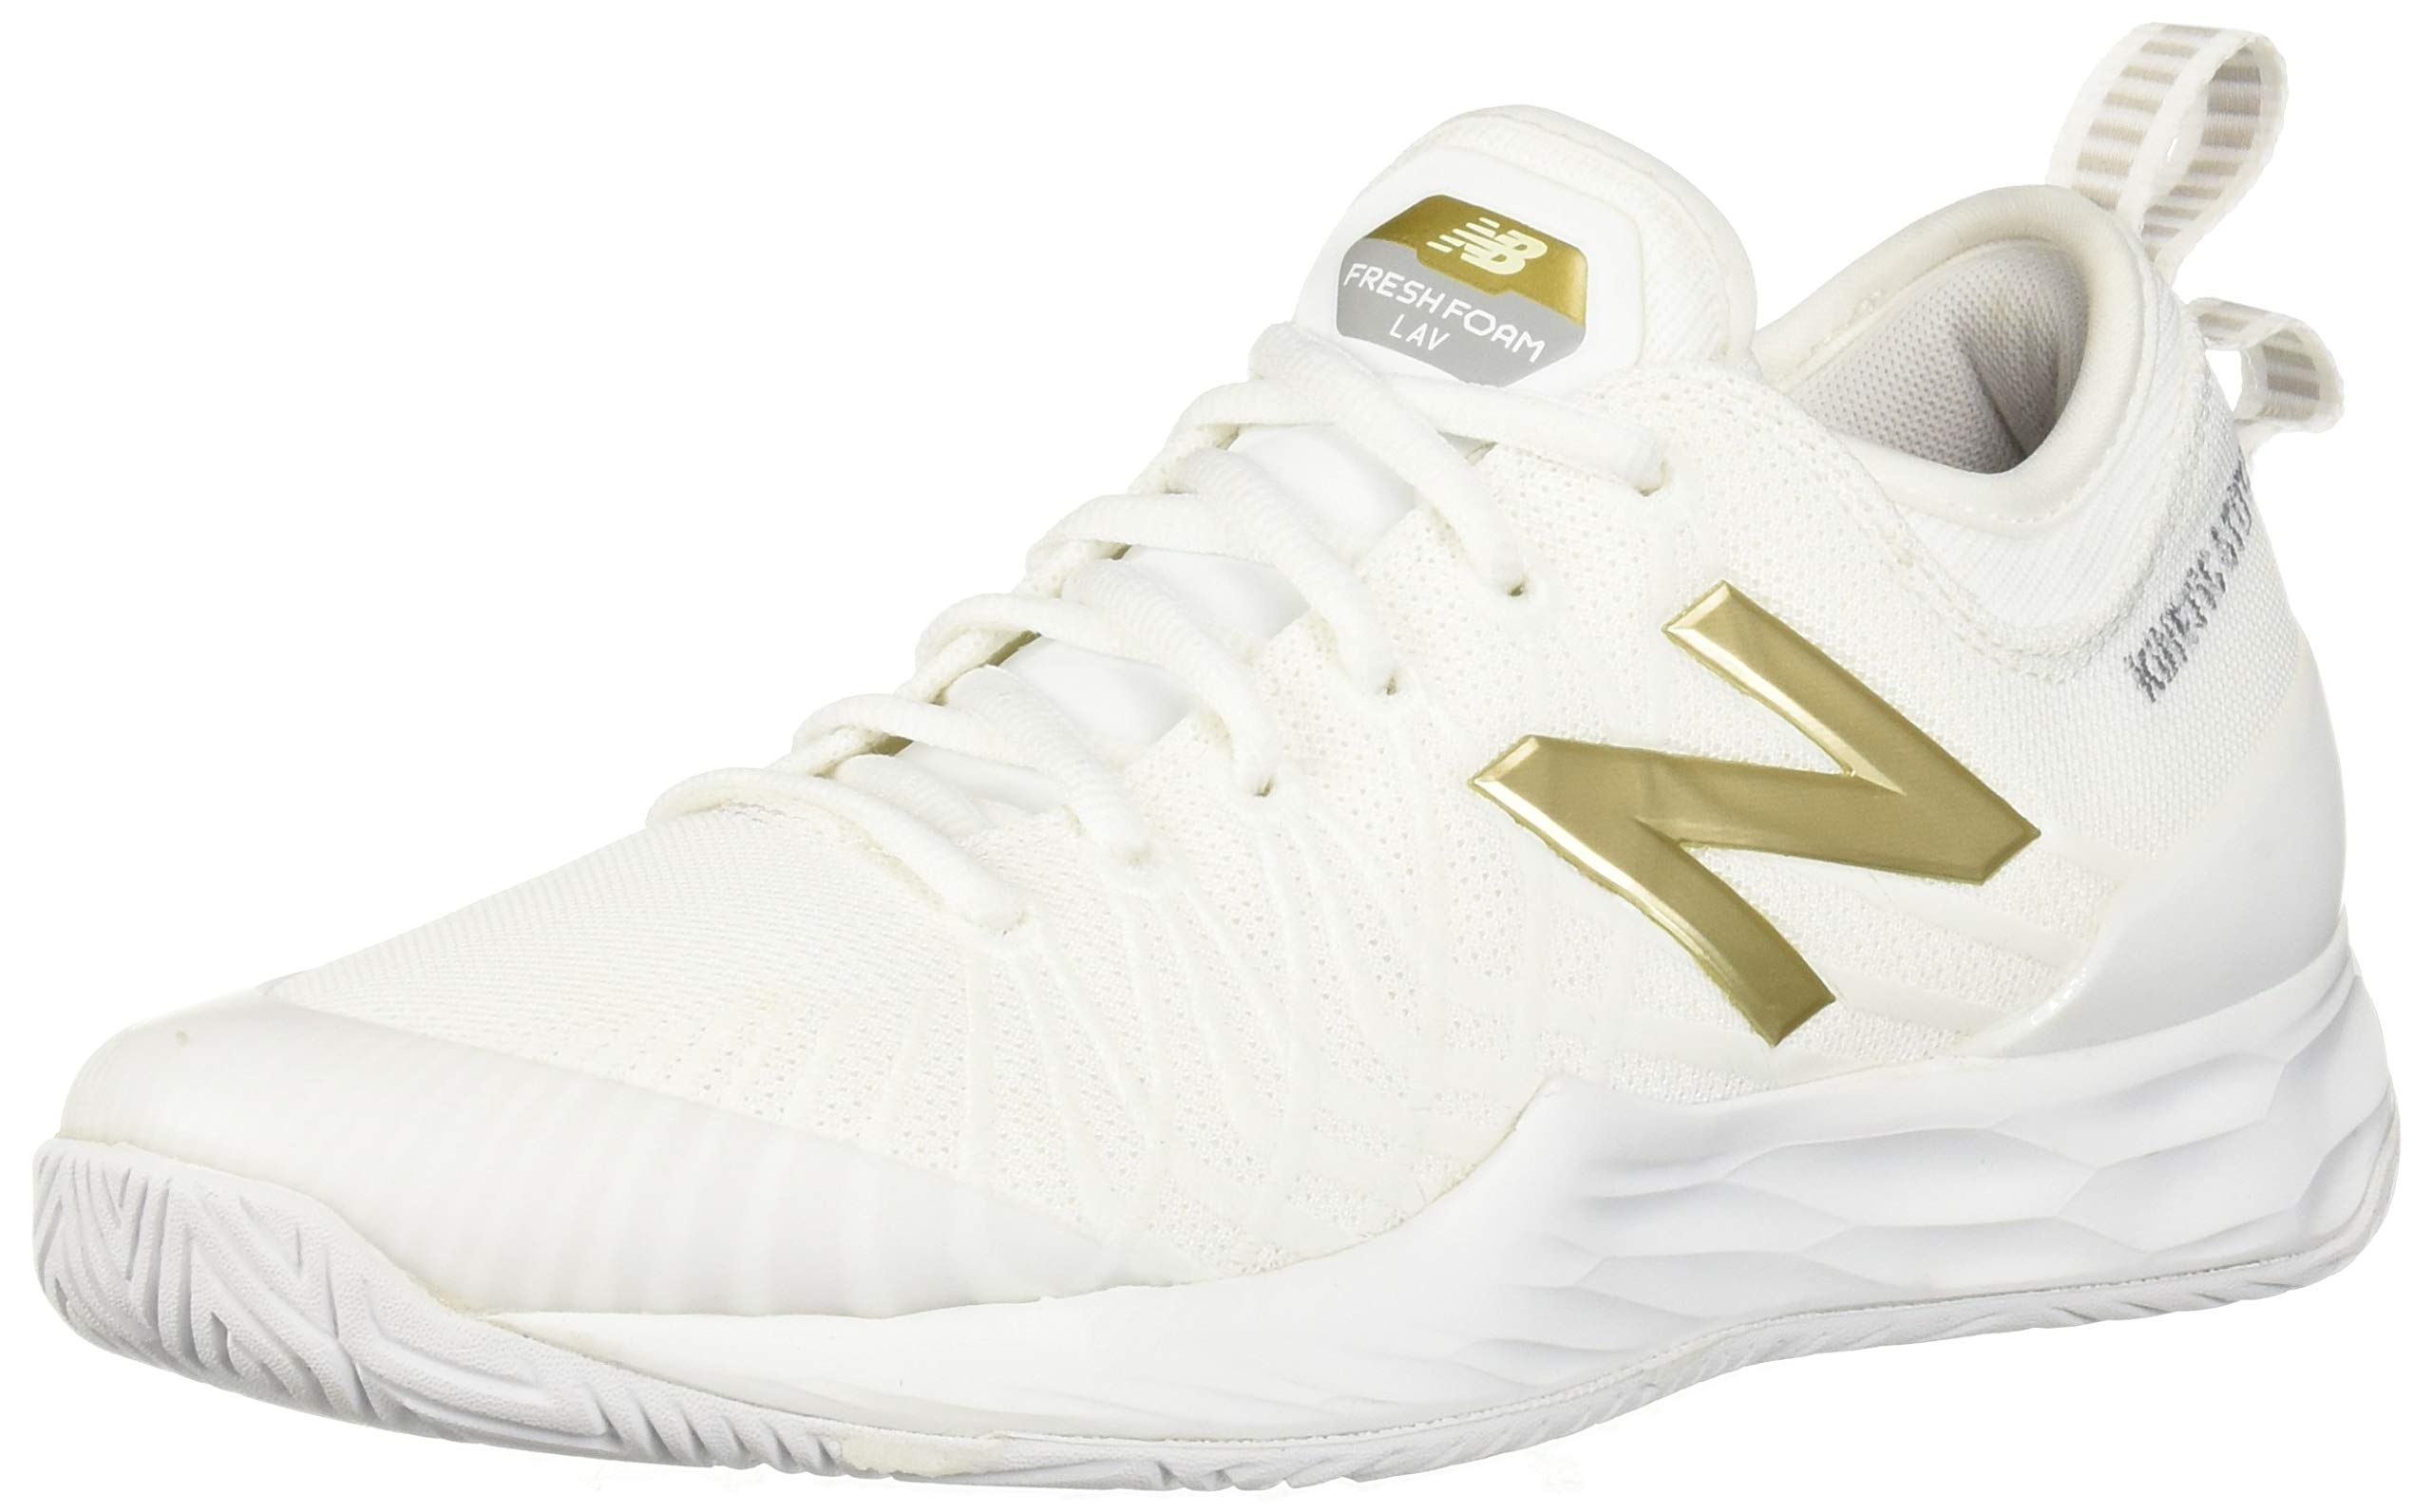 New Balance Men's LAV V1 Hard Court Tennis Shoe, White/Gold, 5 D US